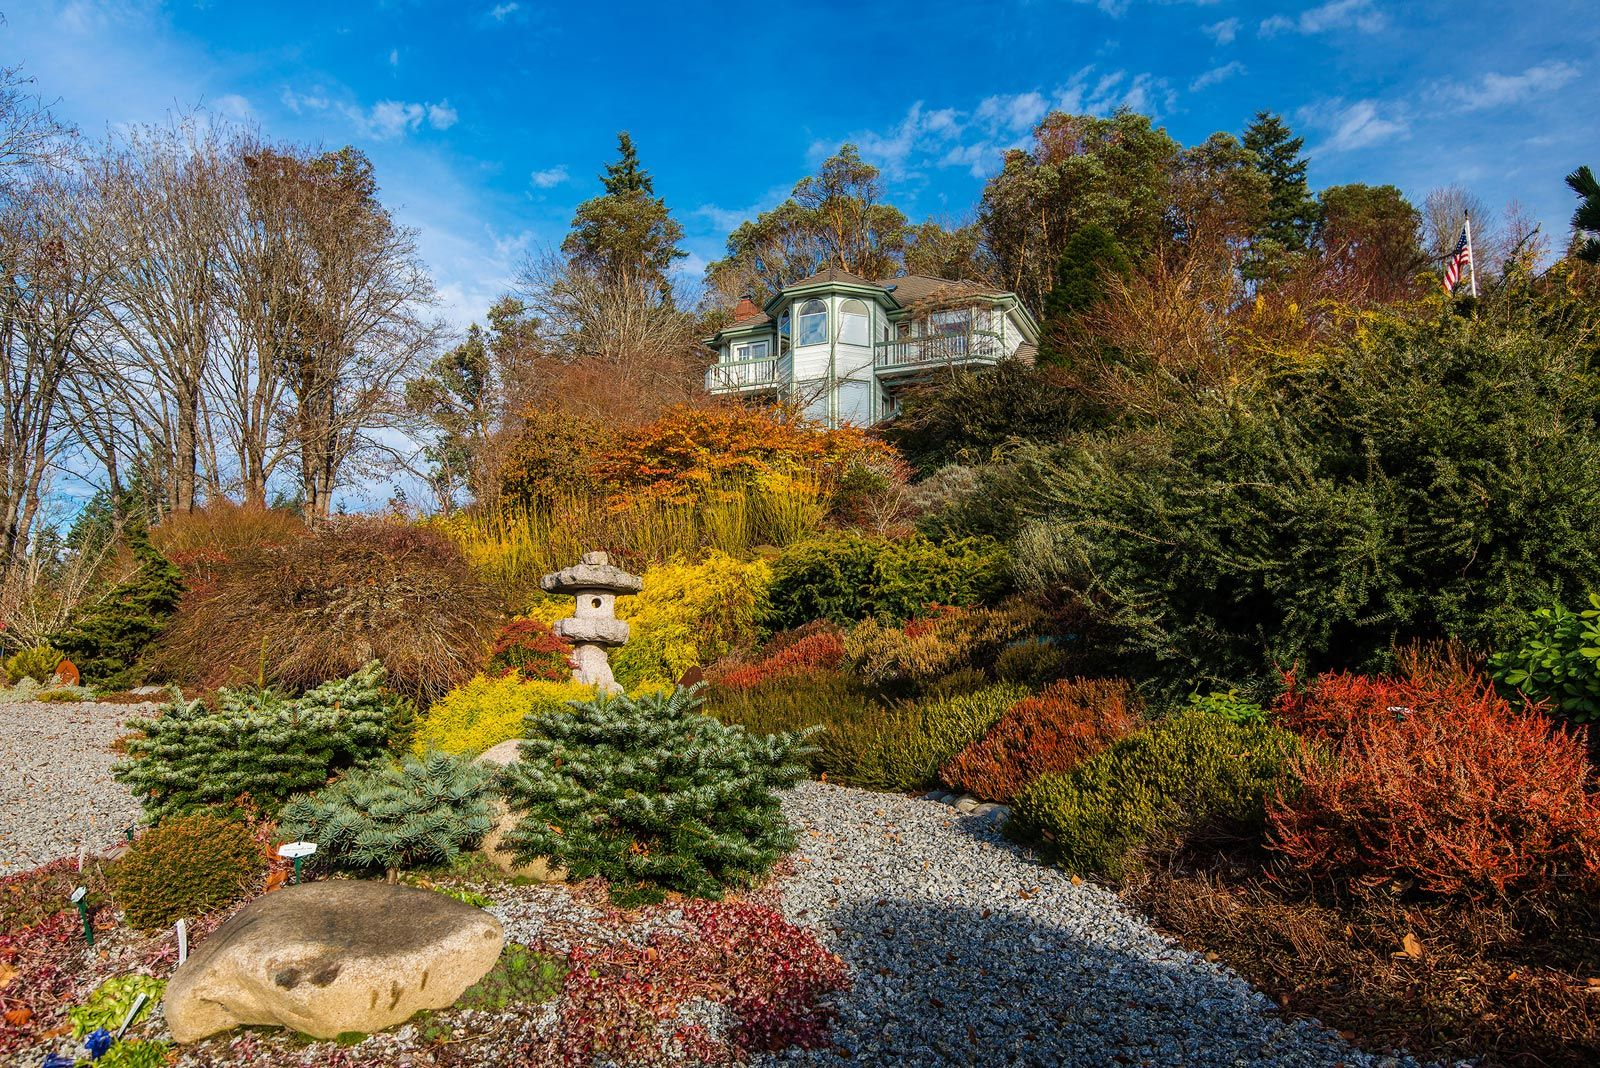 Home - Albers Vista Gardens | Botanical Garden in Kitsap County ...